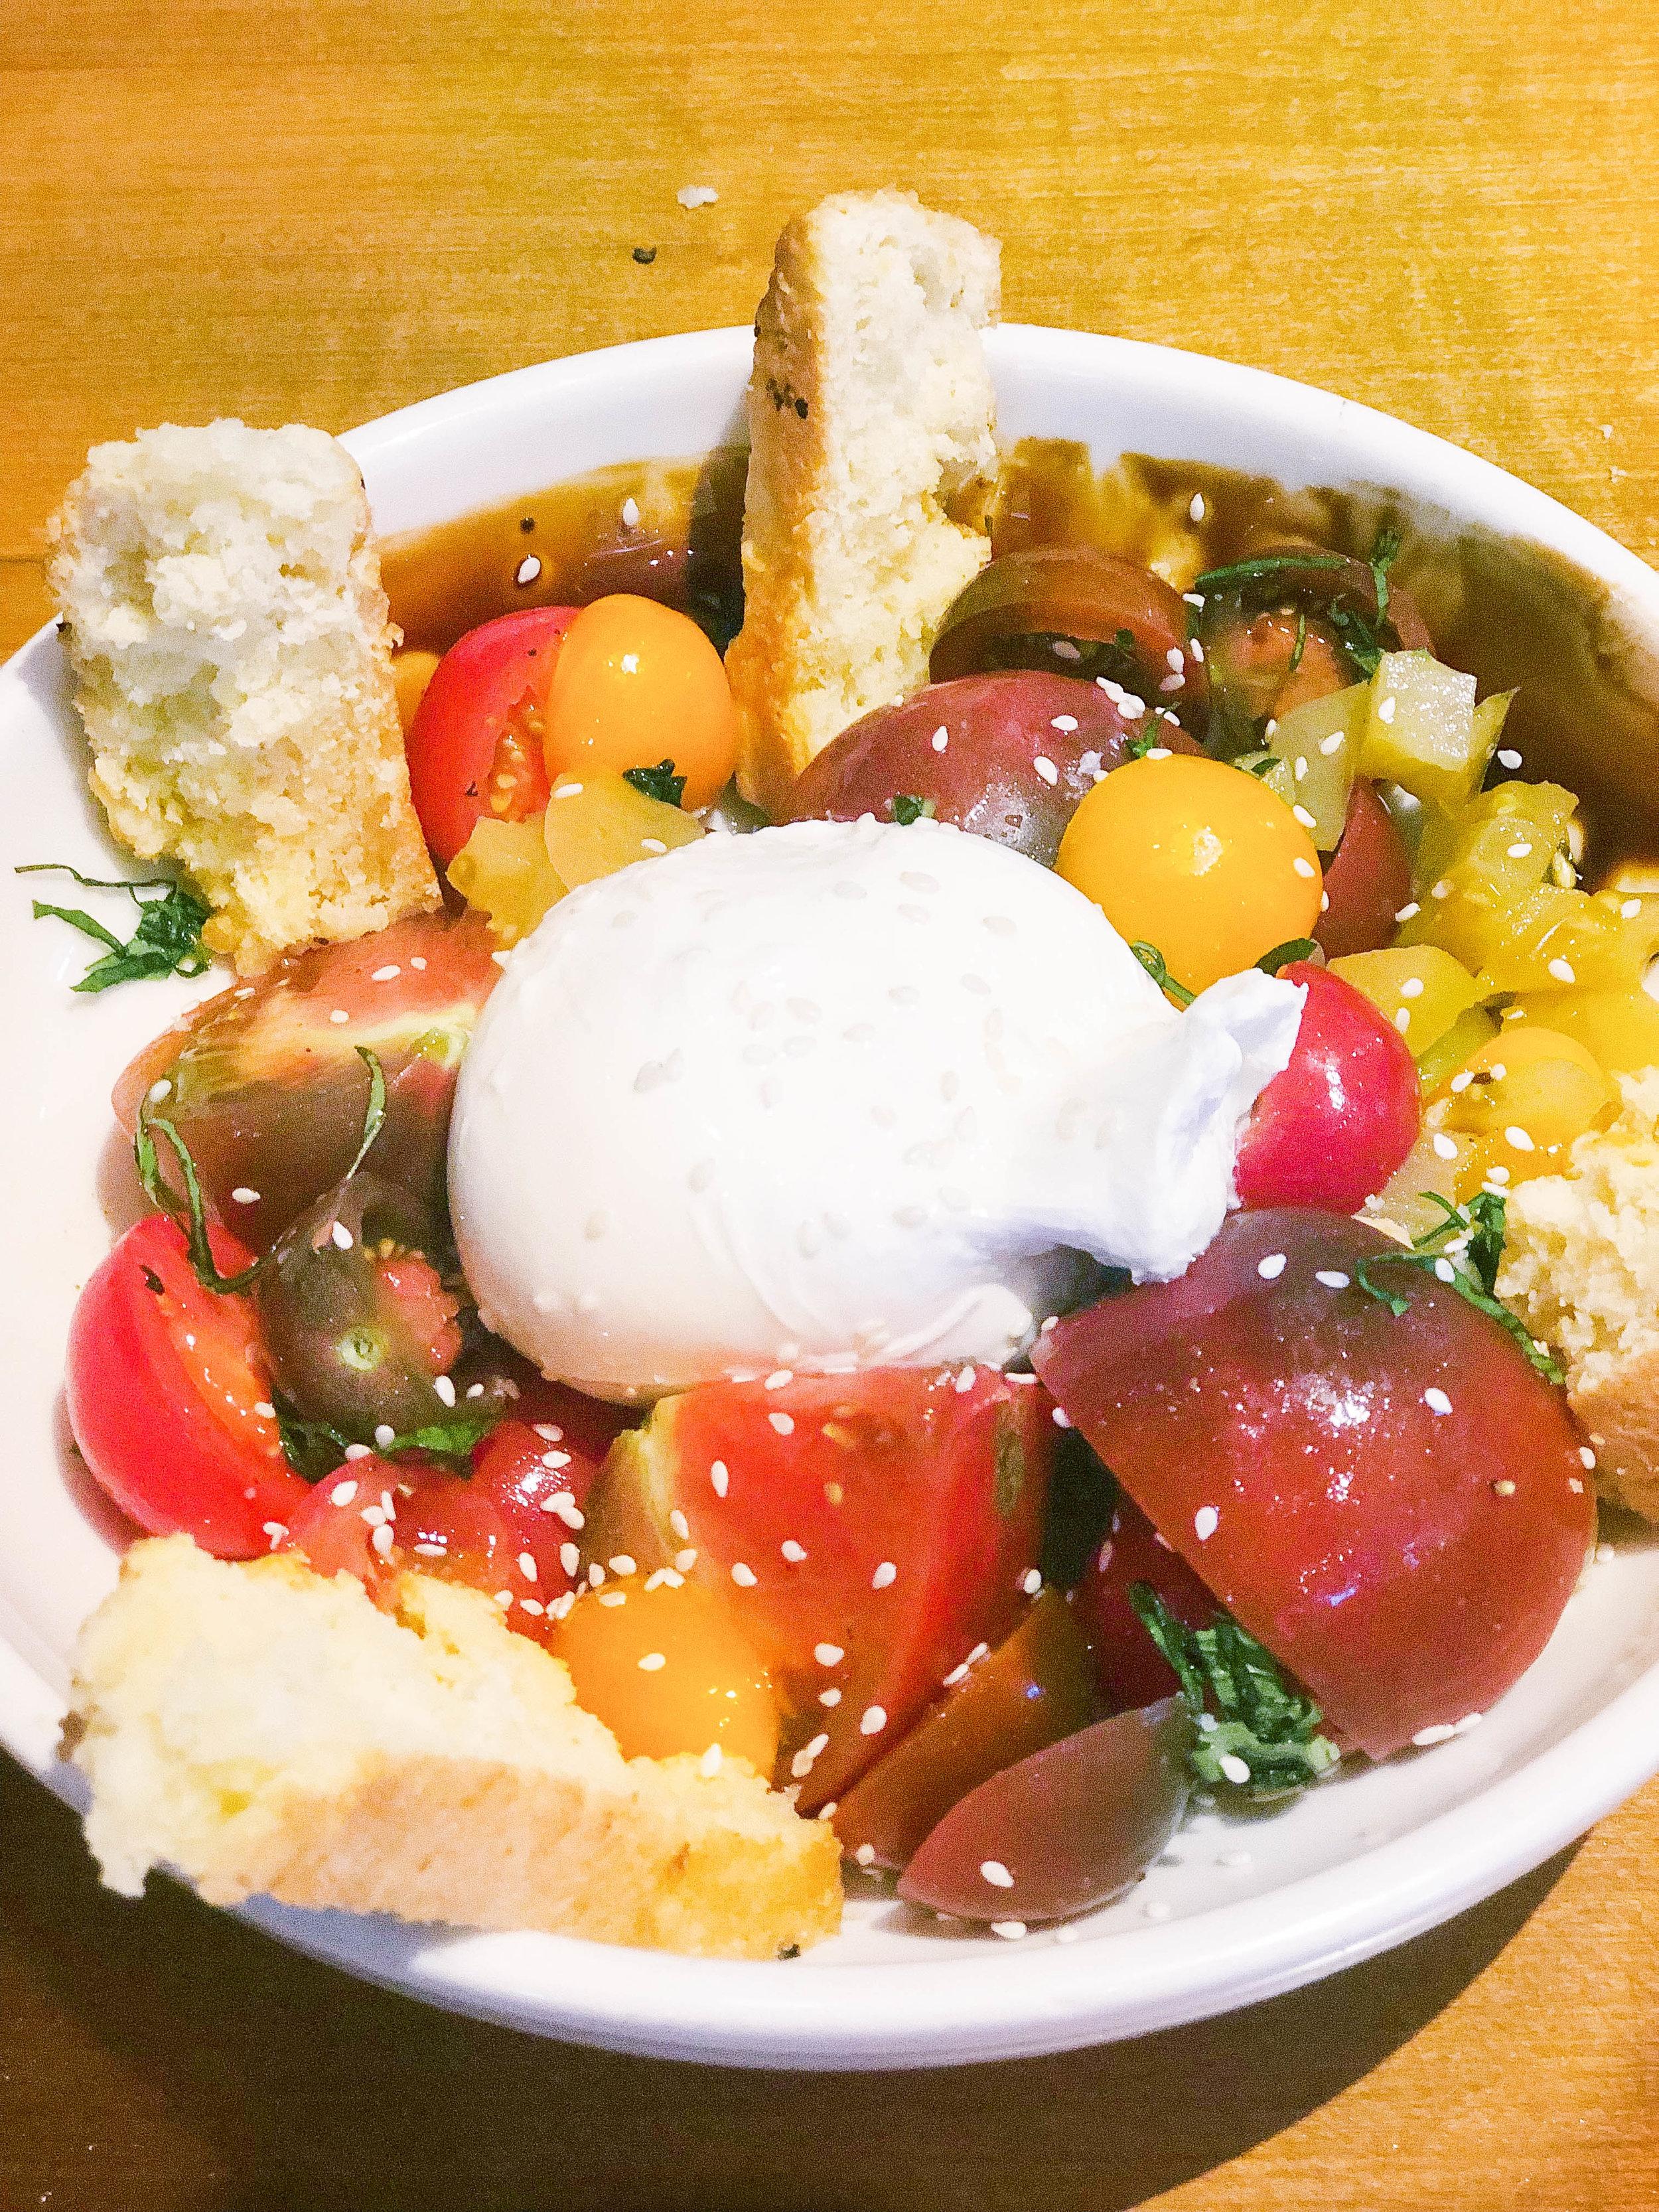 Heirloom Tomatoes & Burrata : basil, pickled green tomatoes, balsamic-sorghum glaze, biscuit crackers